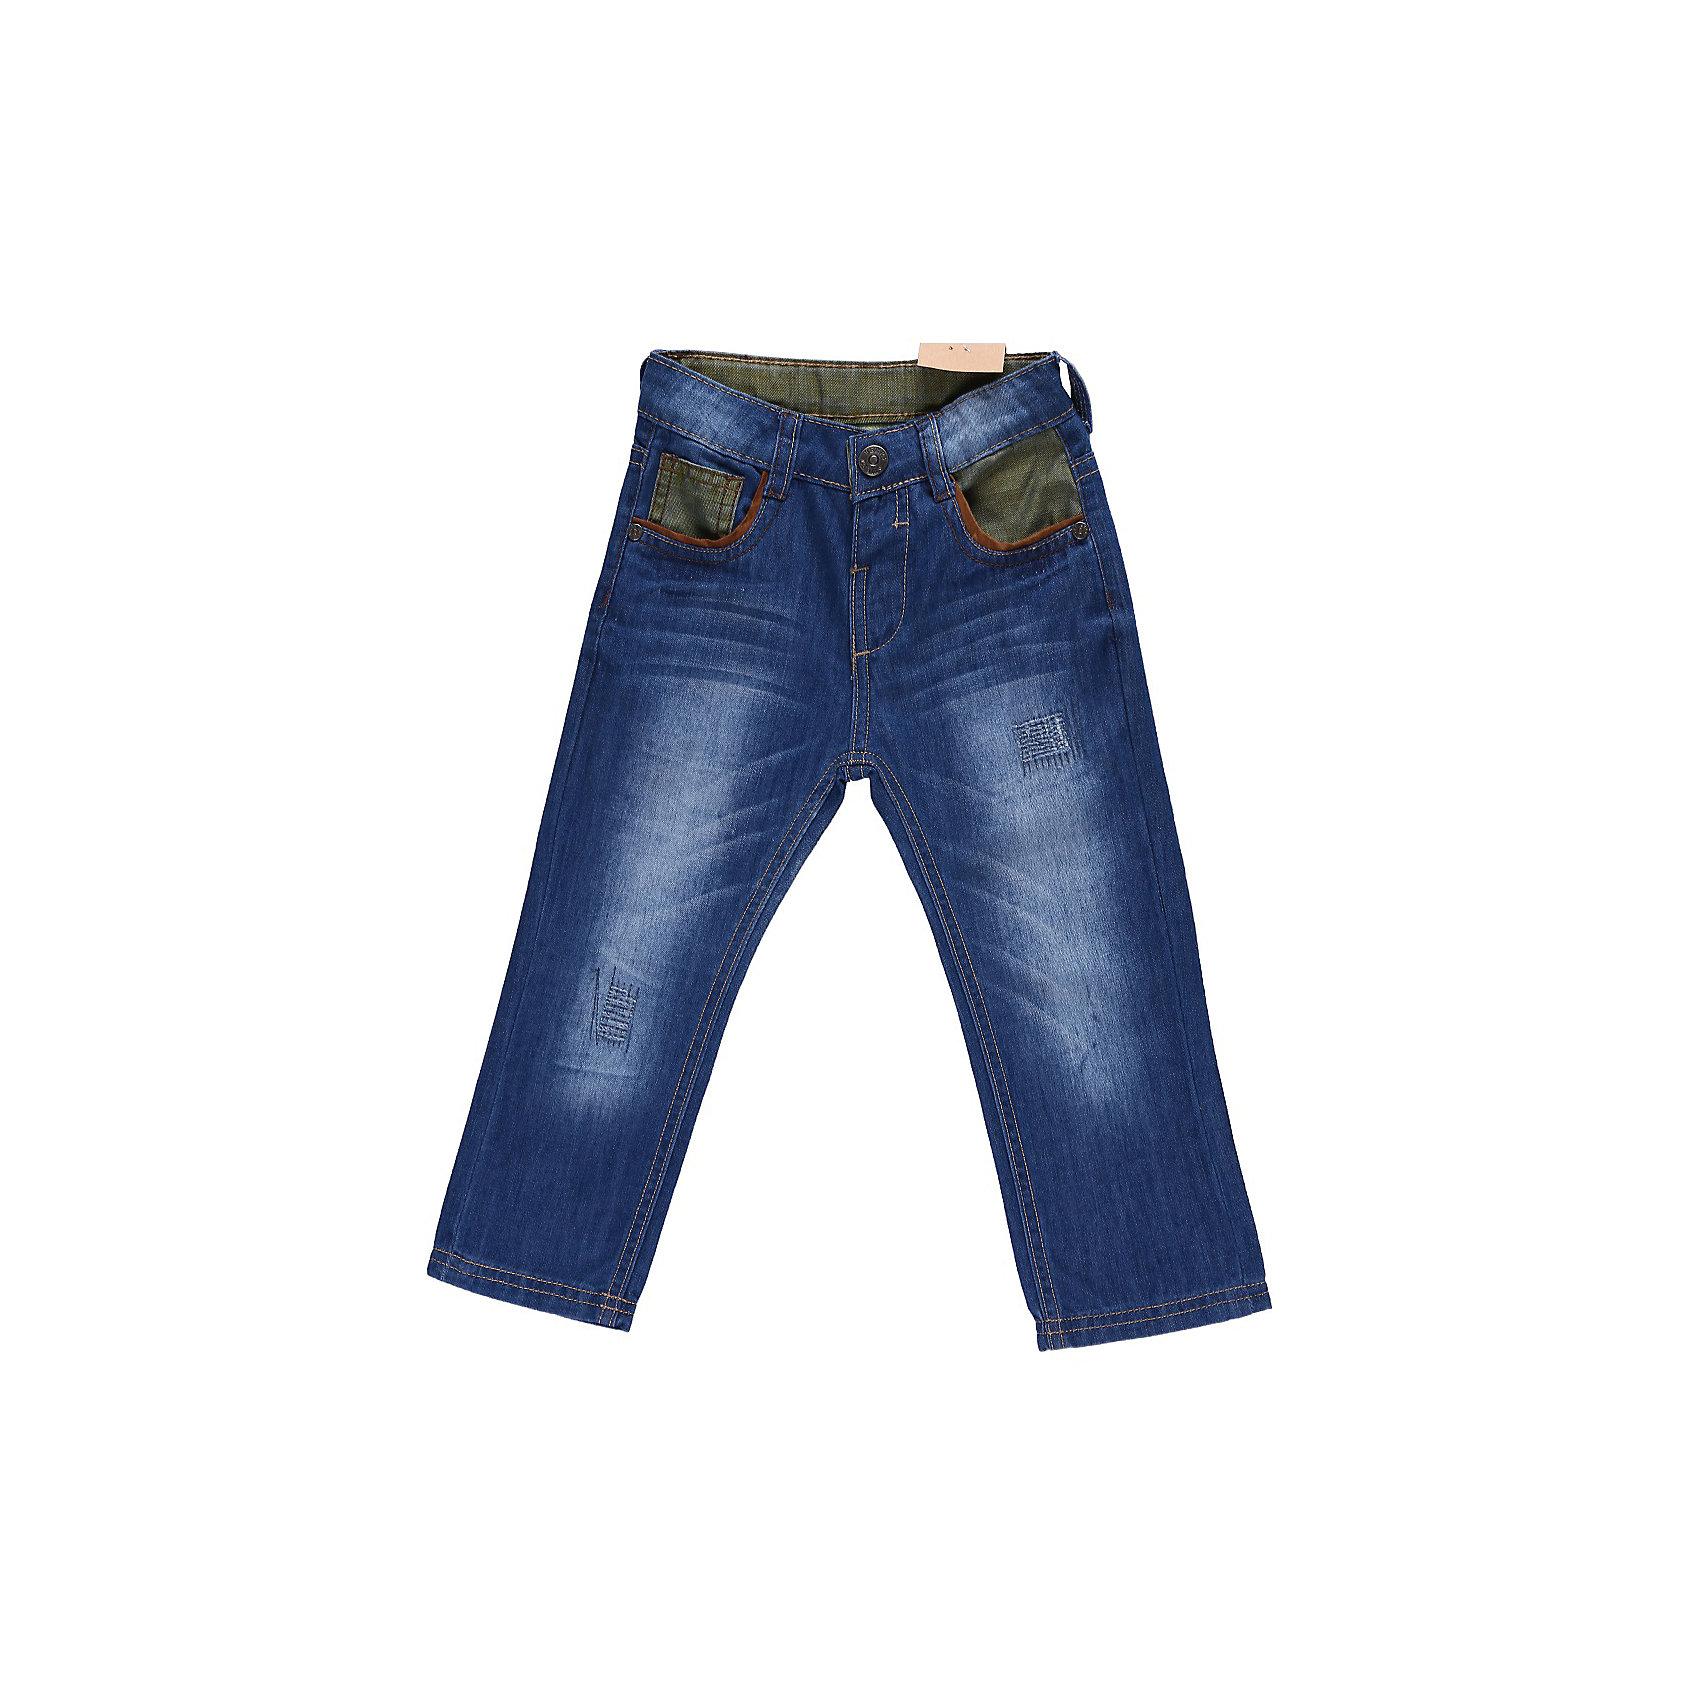 Джинсы для мальчика Sweet BerryДжинсовая одежда<br>Джинсы с контрастными вставками из цветной джинсы. С регулировкой внутри на поясе.<br>Состав:<br>100% хлопок<br><br>Ширина мм: 215<br>Глубина мм: 88<br>Высота мм: 191<br>Вес г: 336<br>Цвет: синий<br>Возраст от месяцев: 9<br>Возраст до месяцев: 12<br>Пол: Мужской<br>Возраст: Детский<br>Размер: 80,98,92,86<br>SKU: 4522129